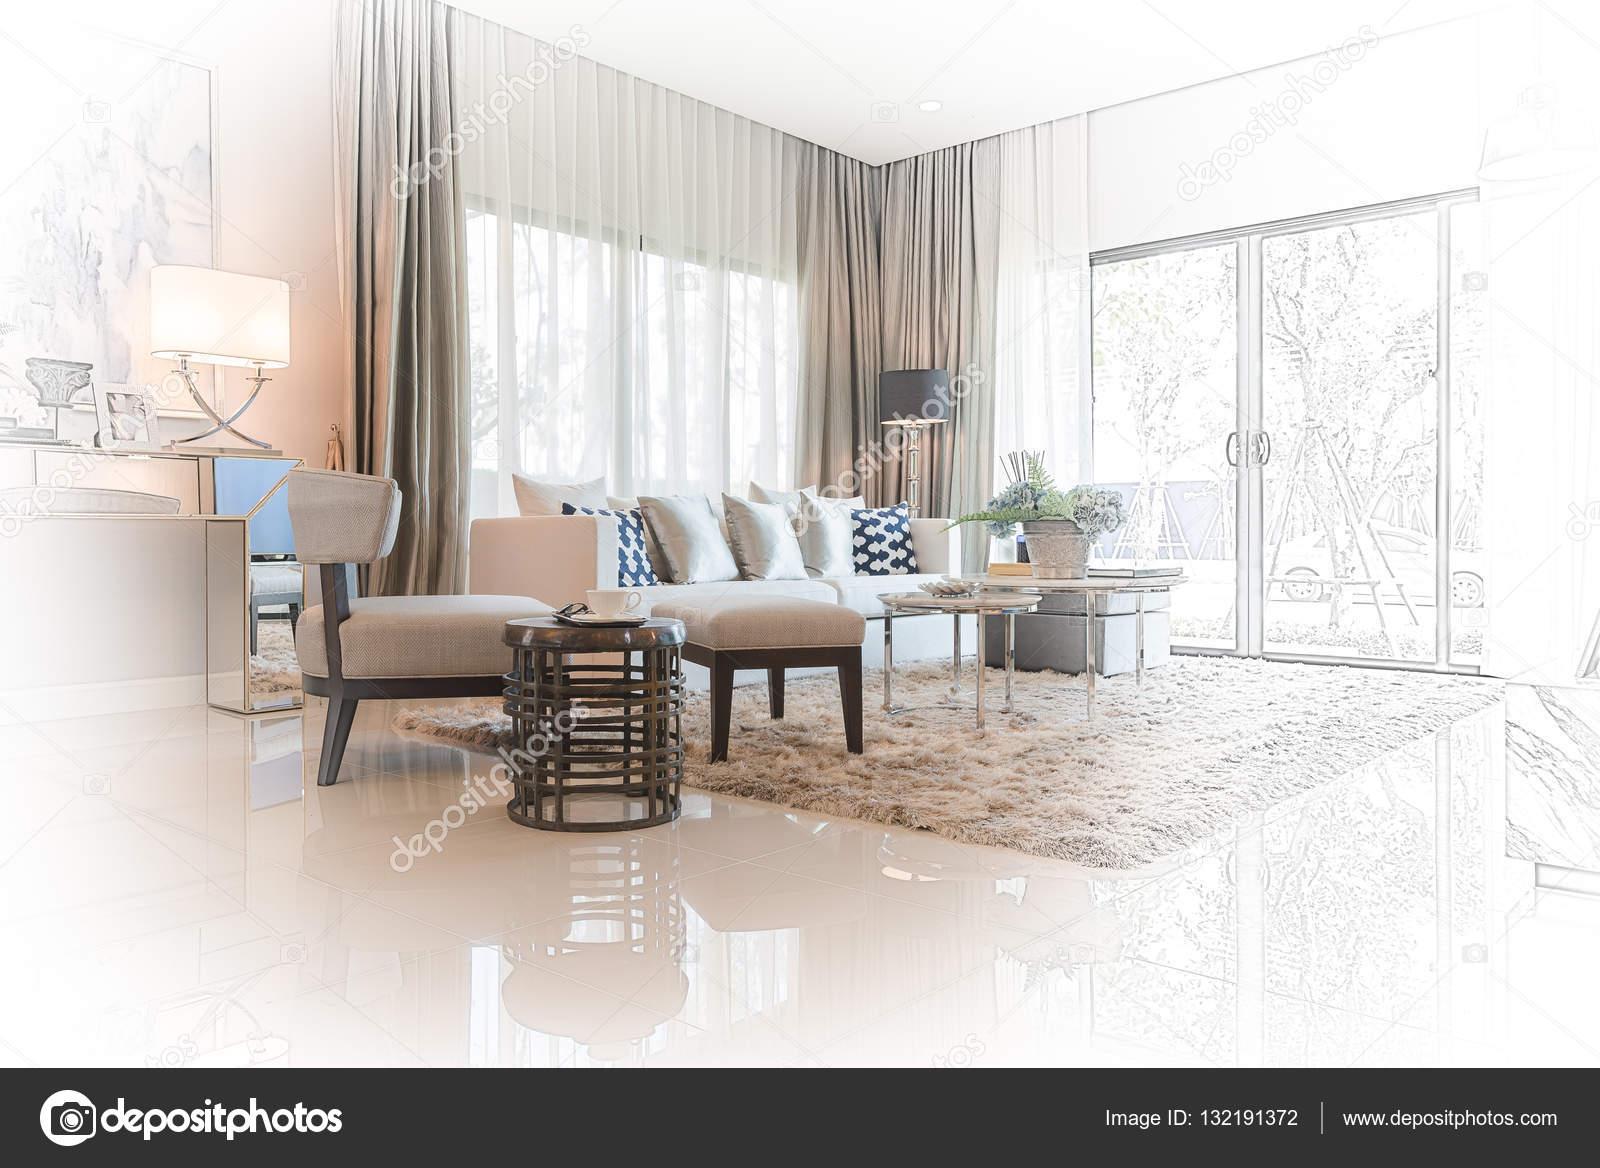 Inneren Skizze Design Der Modernen Wohnzimmer Mit Moderner